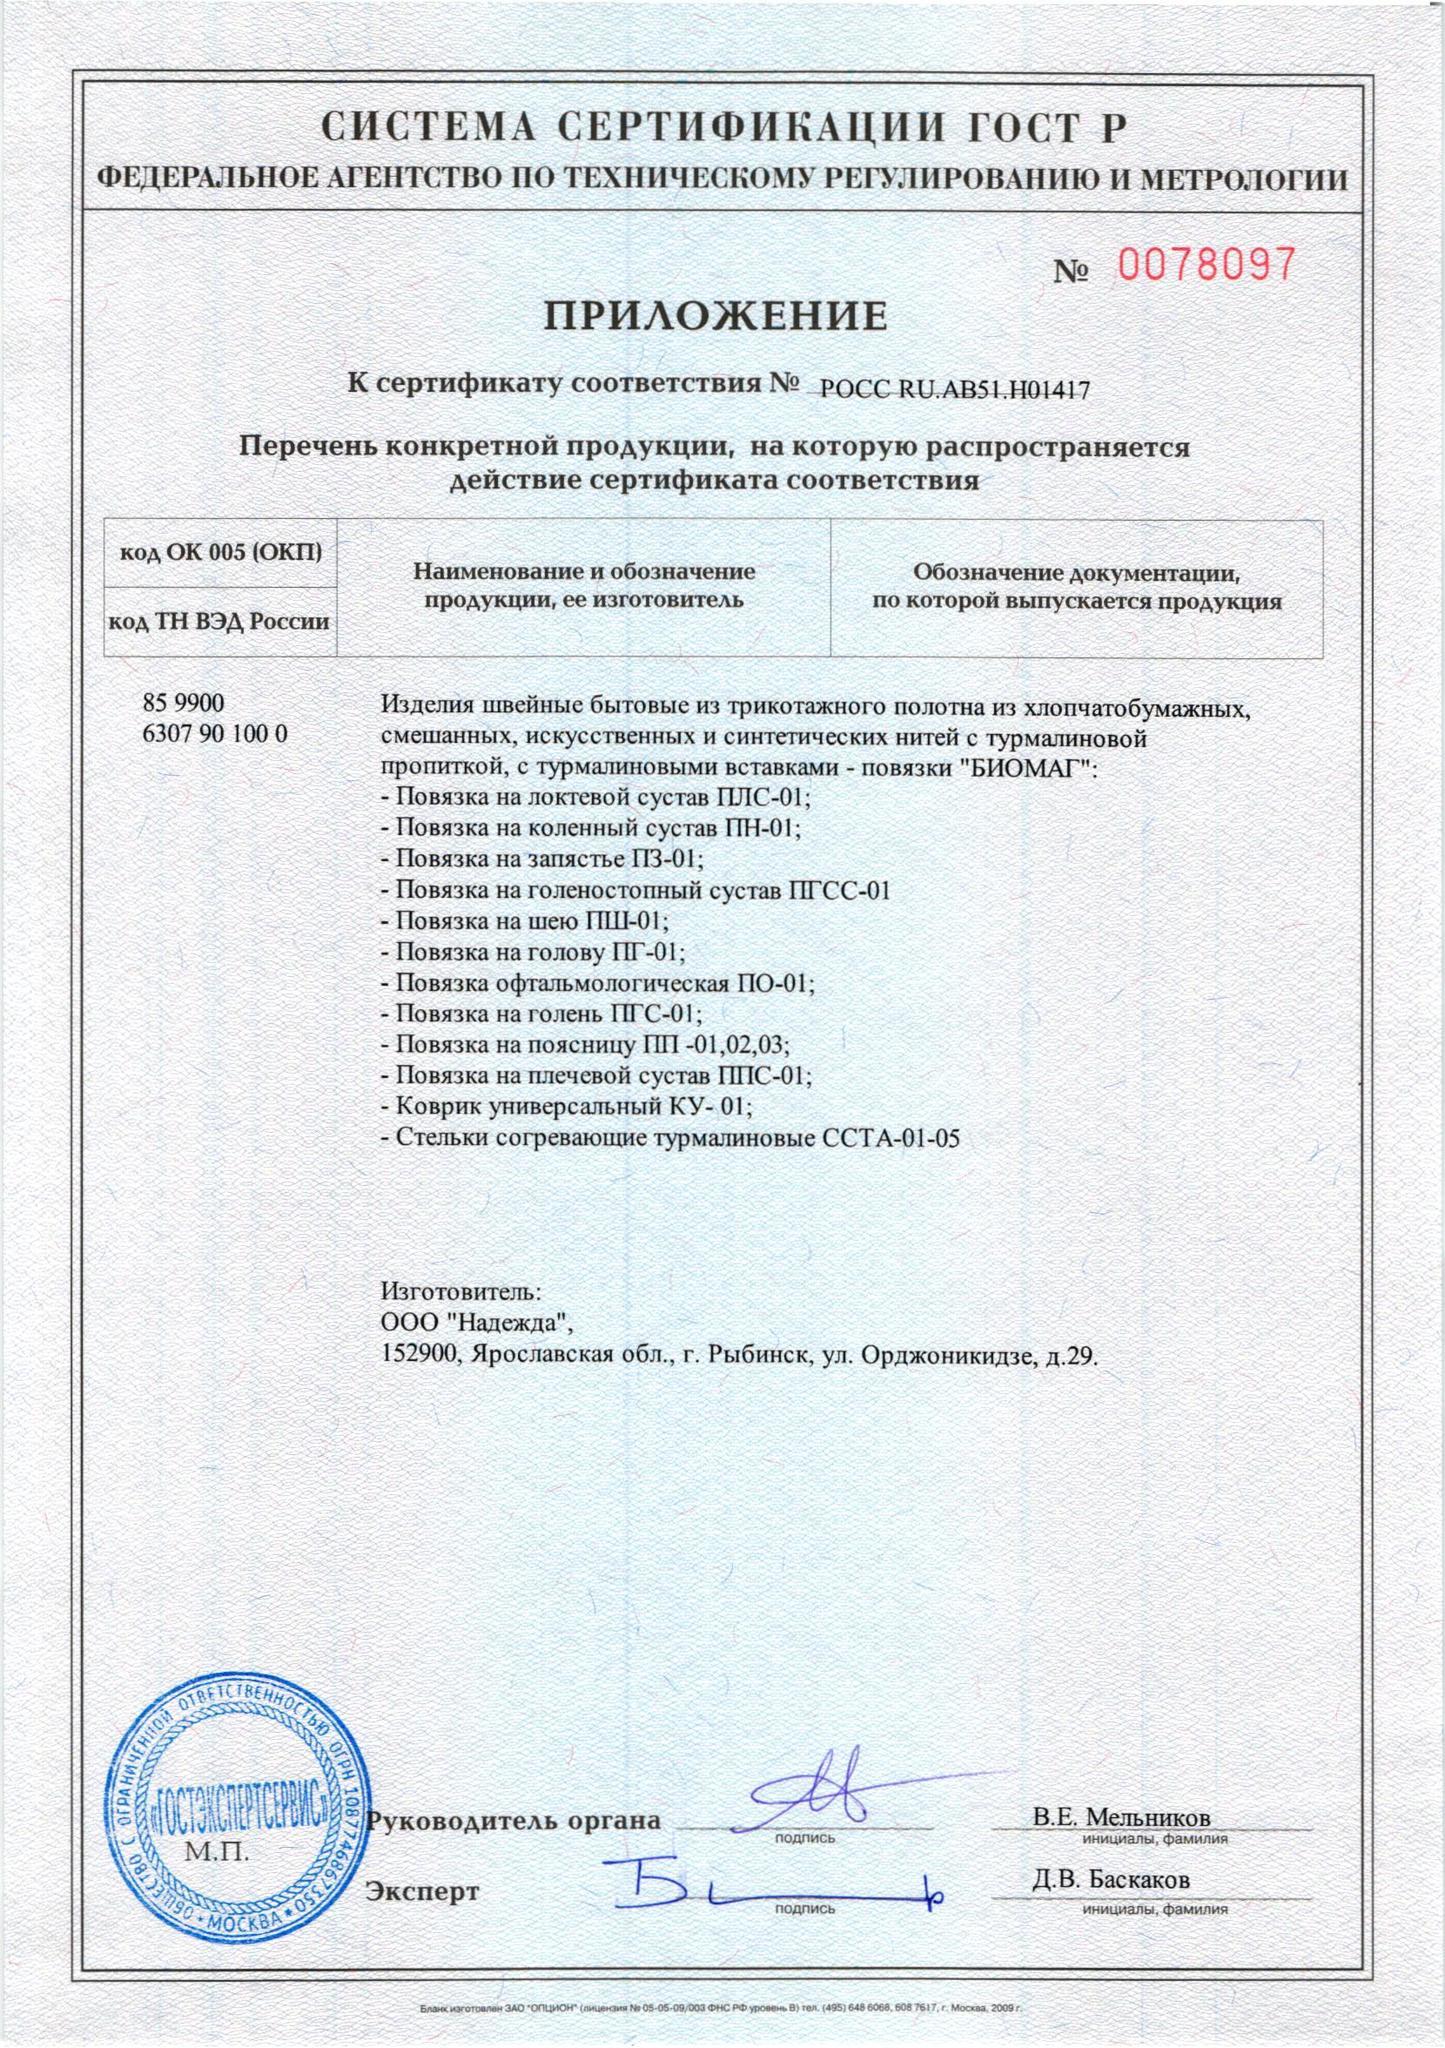 Аппликатор магнитоэластичный для локтевого сустава «Биомаг», 1 шт